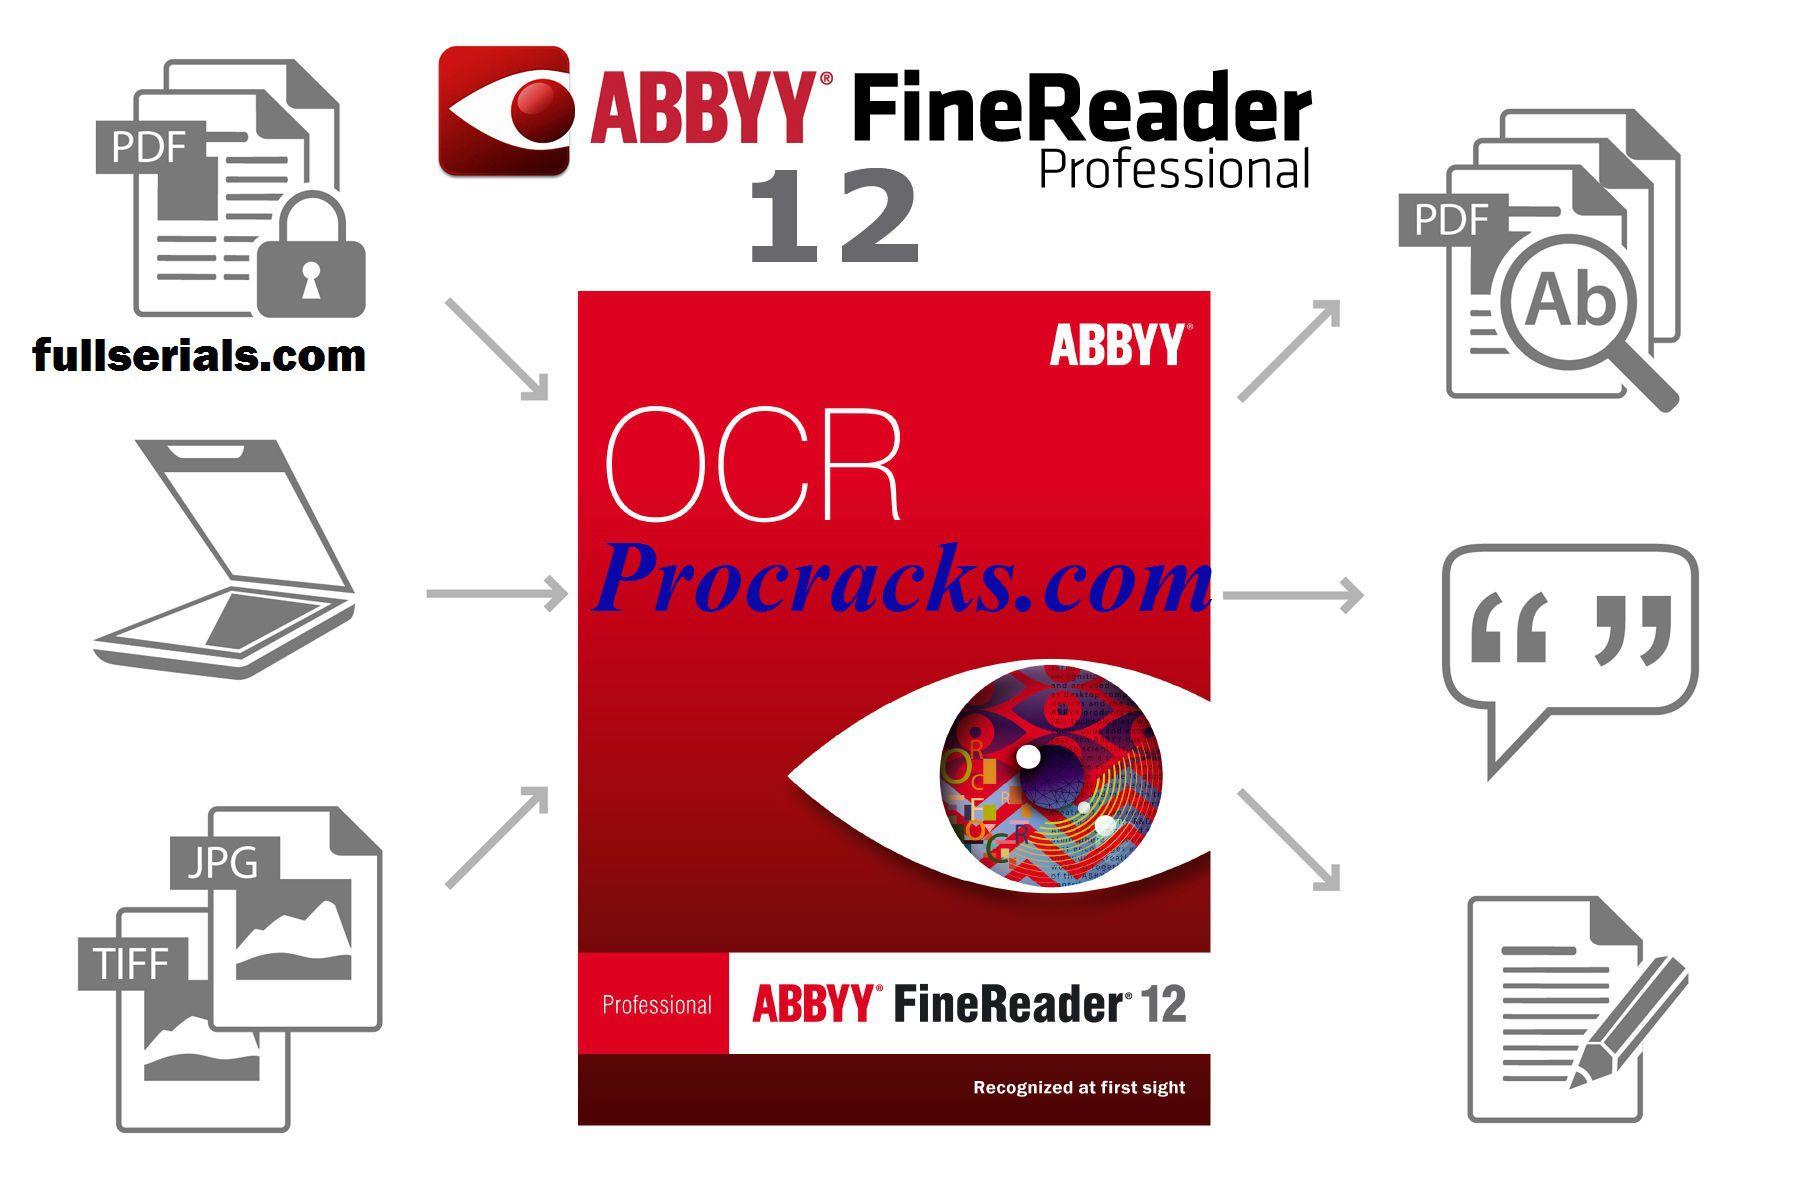 abbyy finereader 12 серийный номер форум